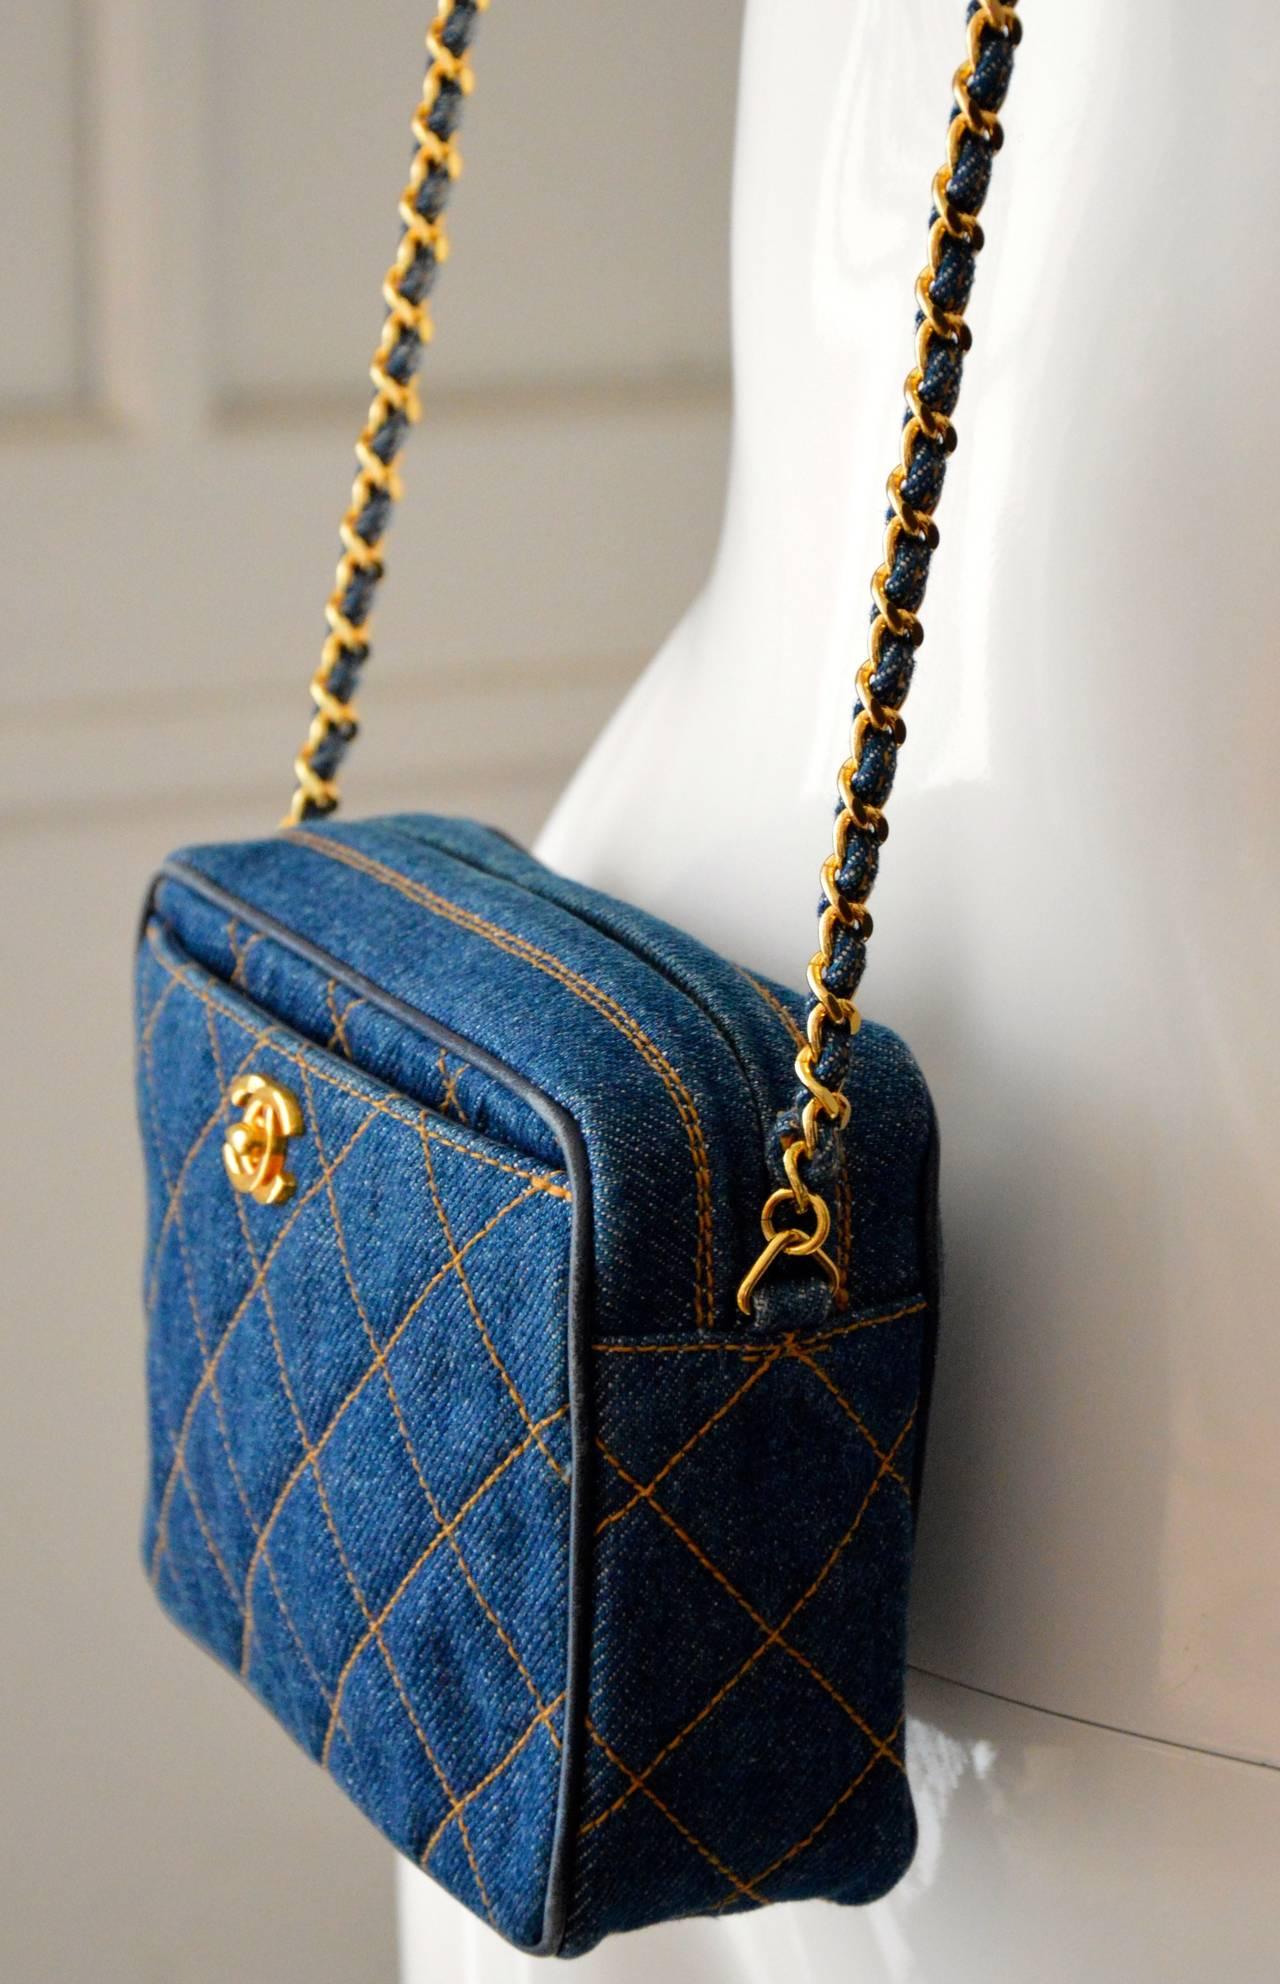 1990s Chanel Very Rare Vintage Shoulder Bag In Blue